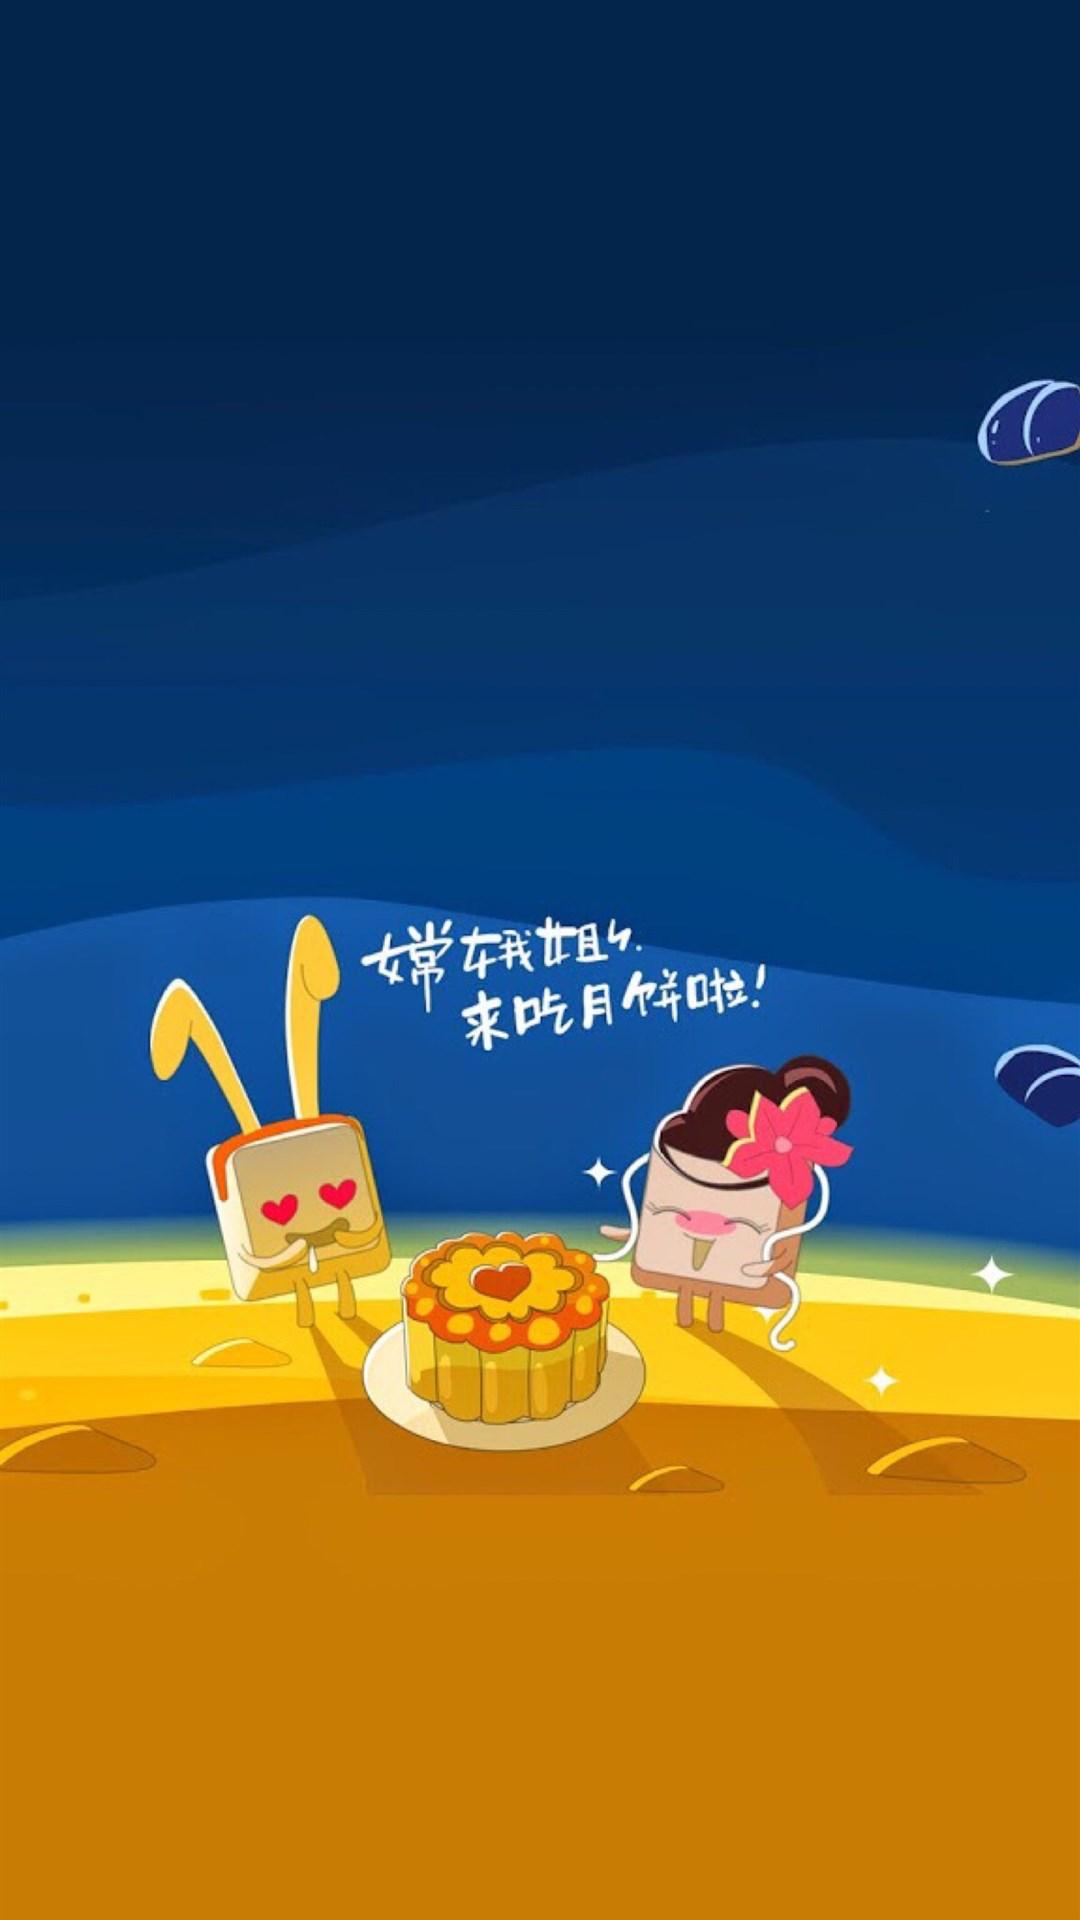 【v粉壁纸】卡通可爱中秋节【15p】